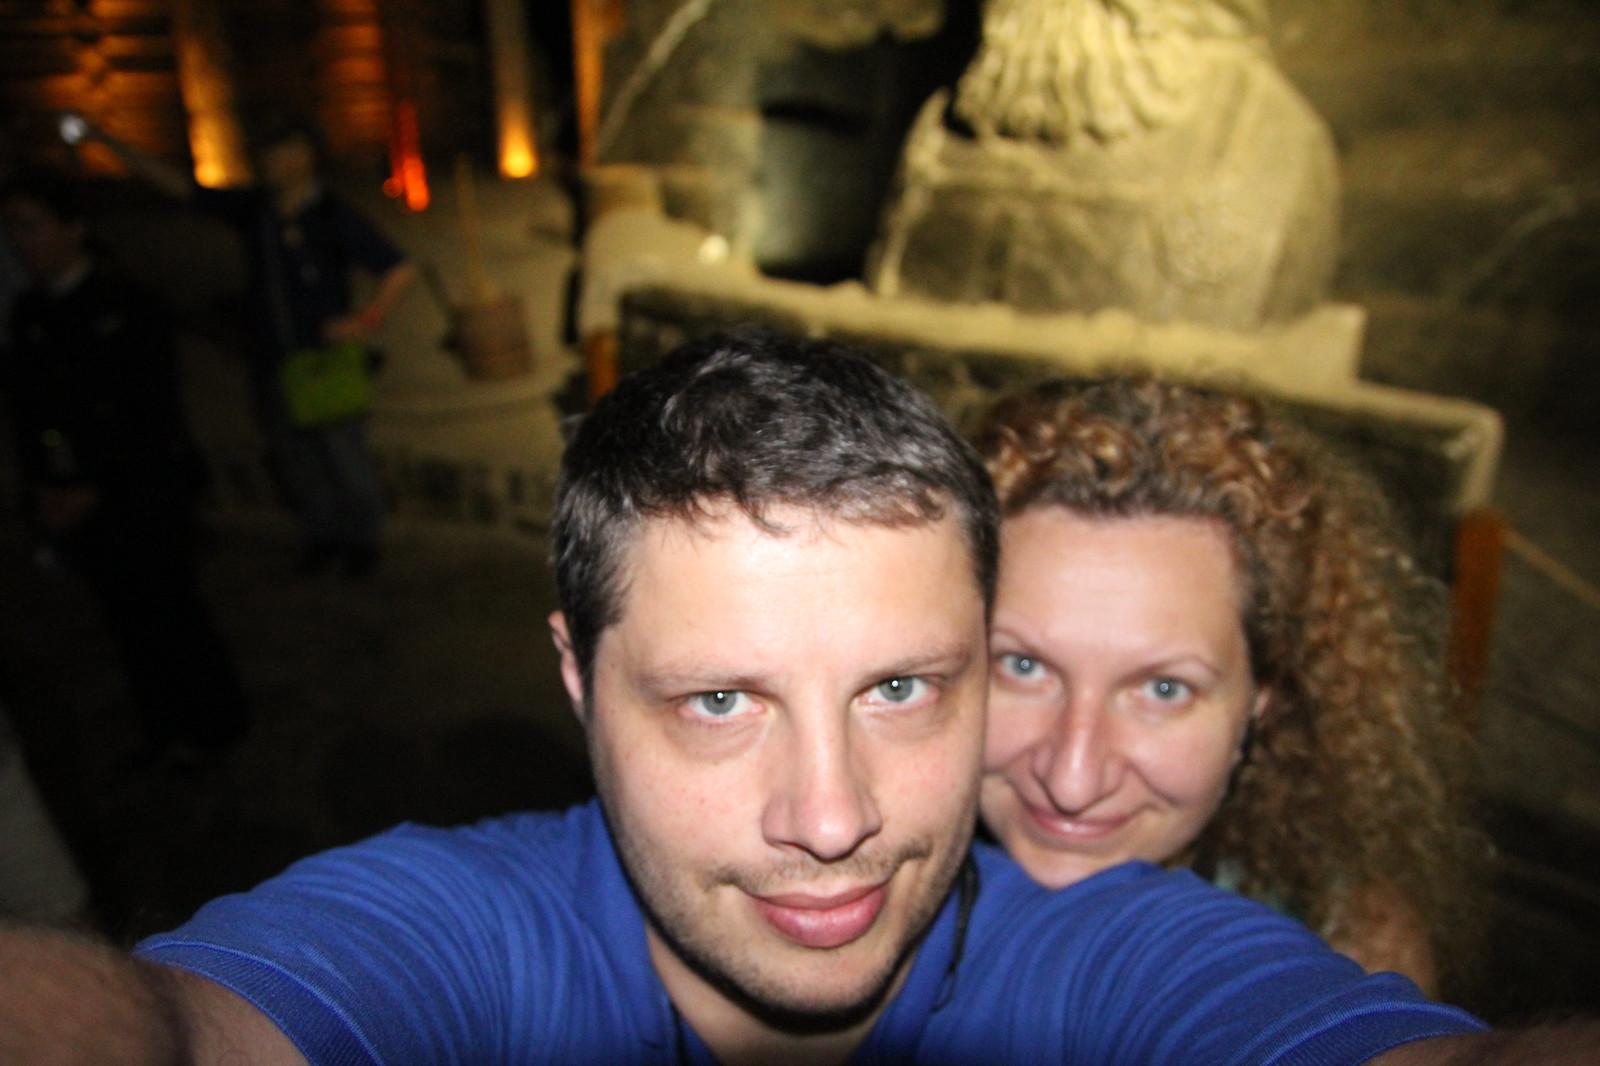 Wieličkų druskų kasykloje prie kažkokio karaliaus skulptūros, kurios matosi tik barzda ;)